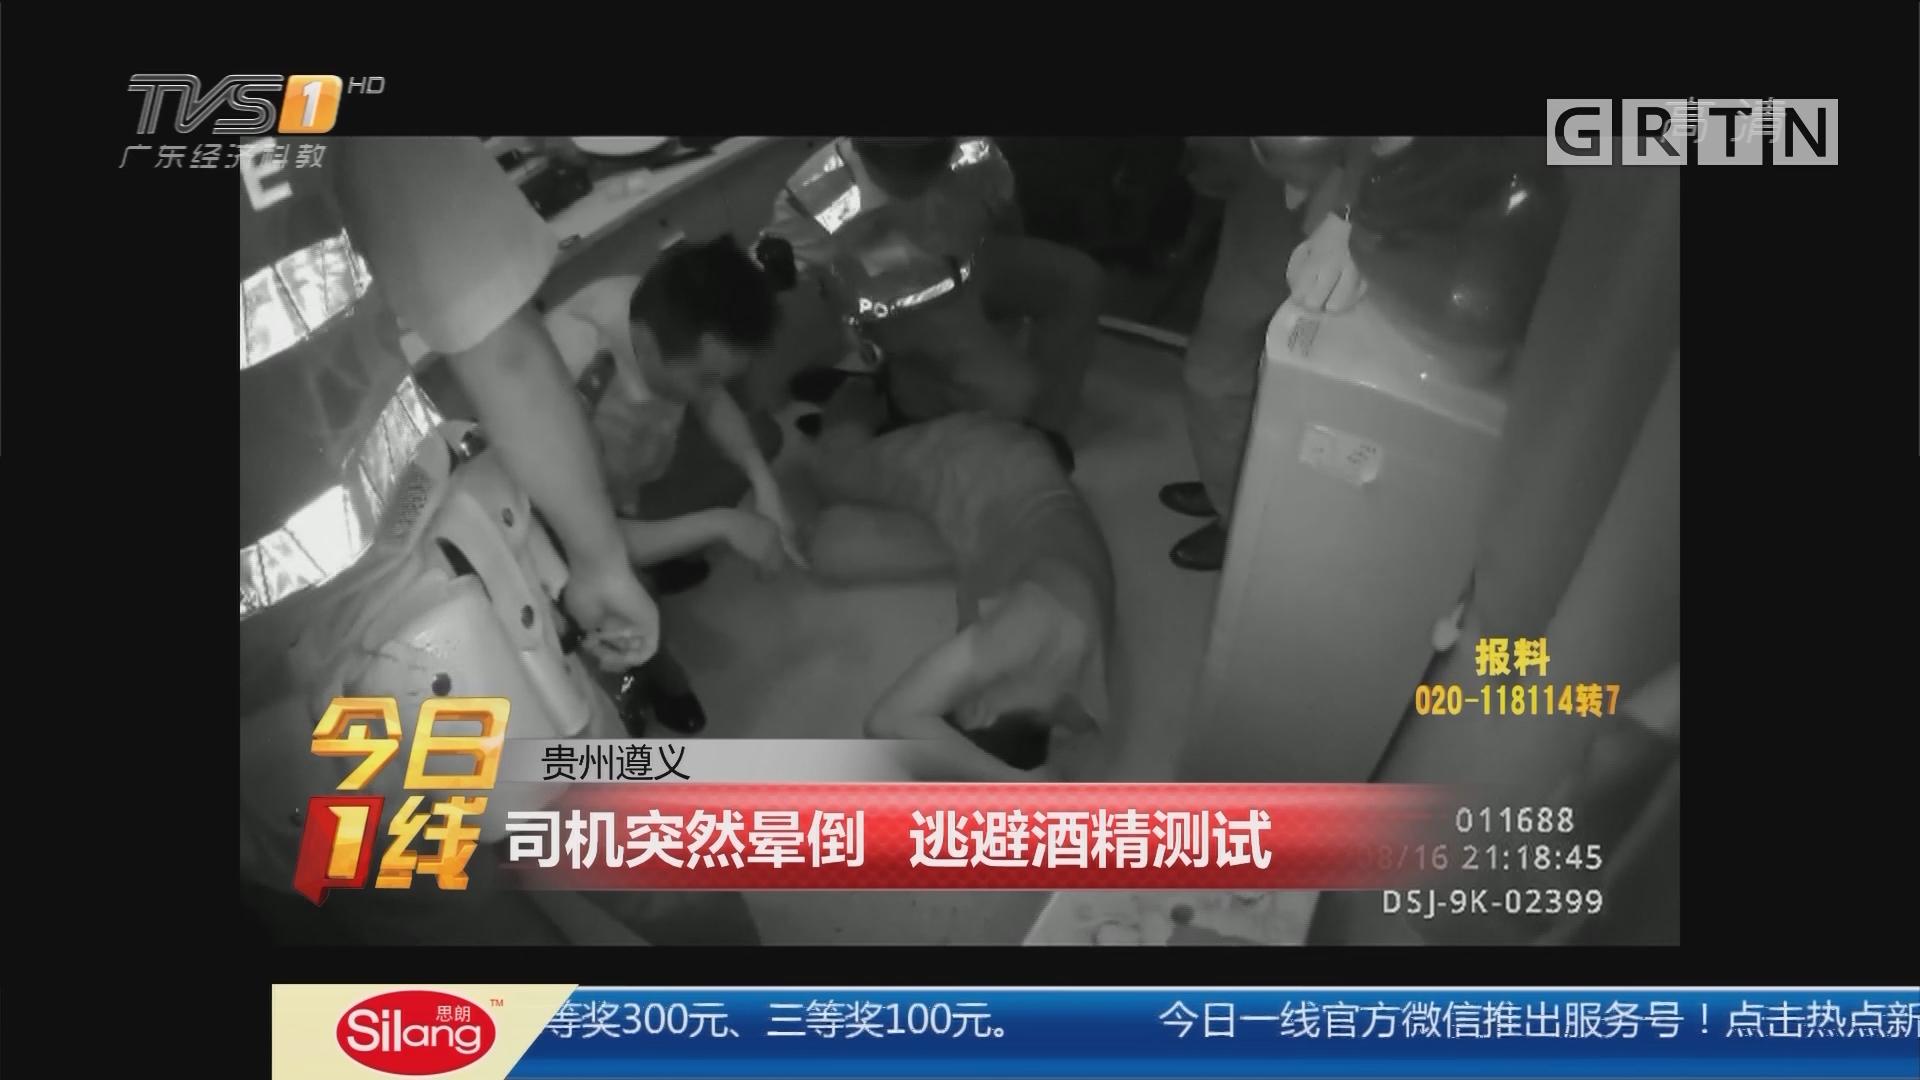 贵州遵义:司机突然晕倒 逃避酒精测试